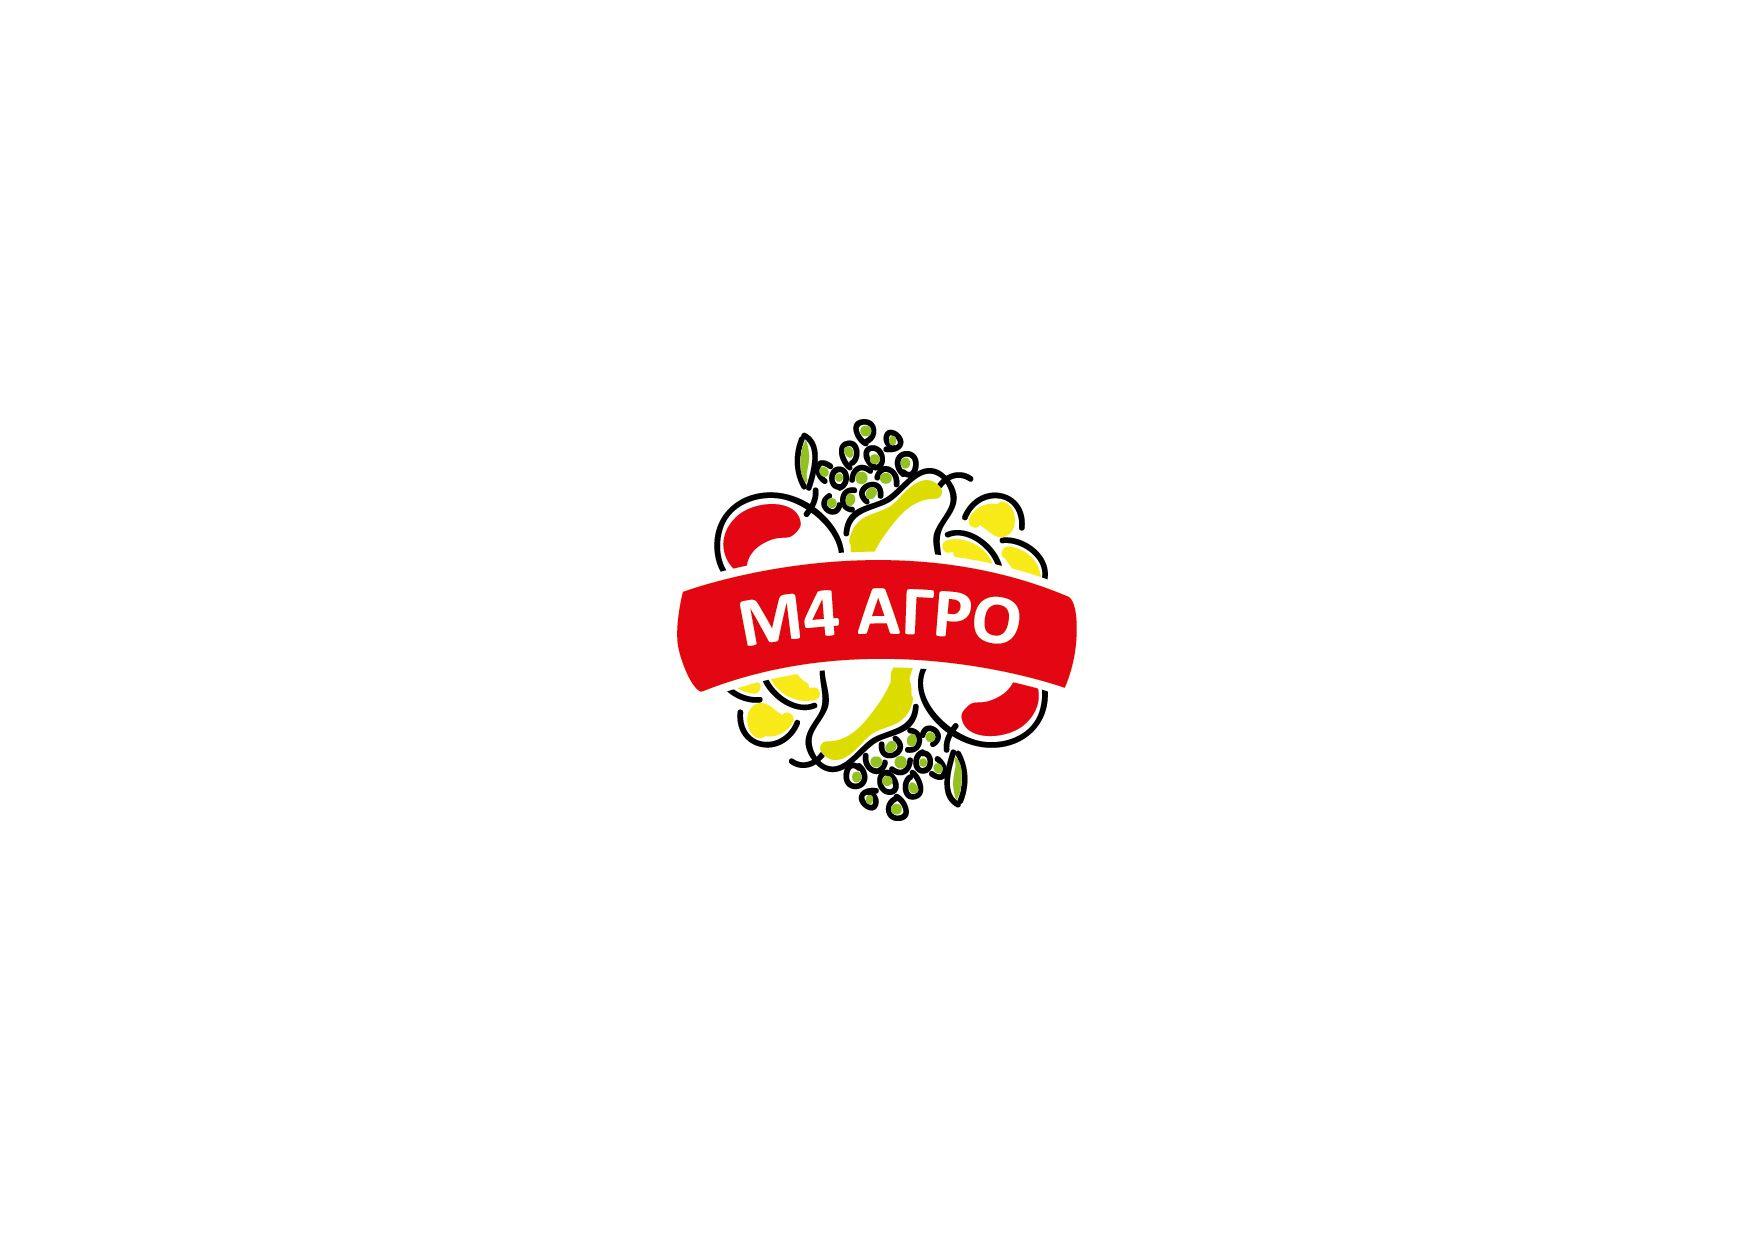 Логотип для M4 АГРО - Российские фрукты - дизайнер LilyLilyLily